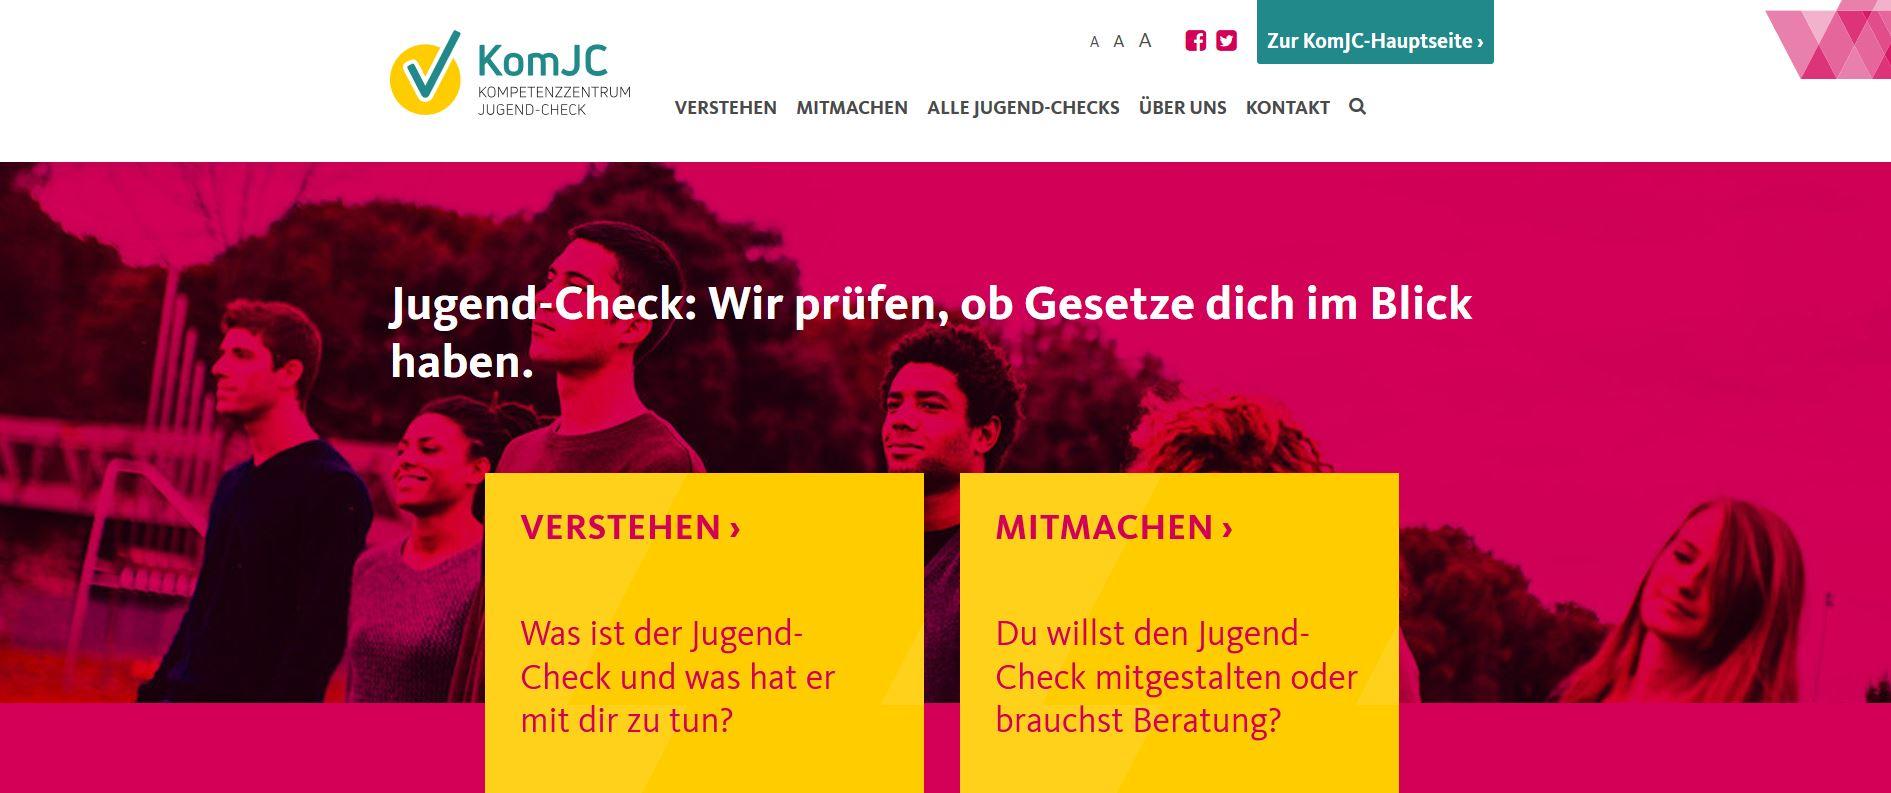 Screenshot der Startseite der jugendgerechten Webseite.